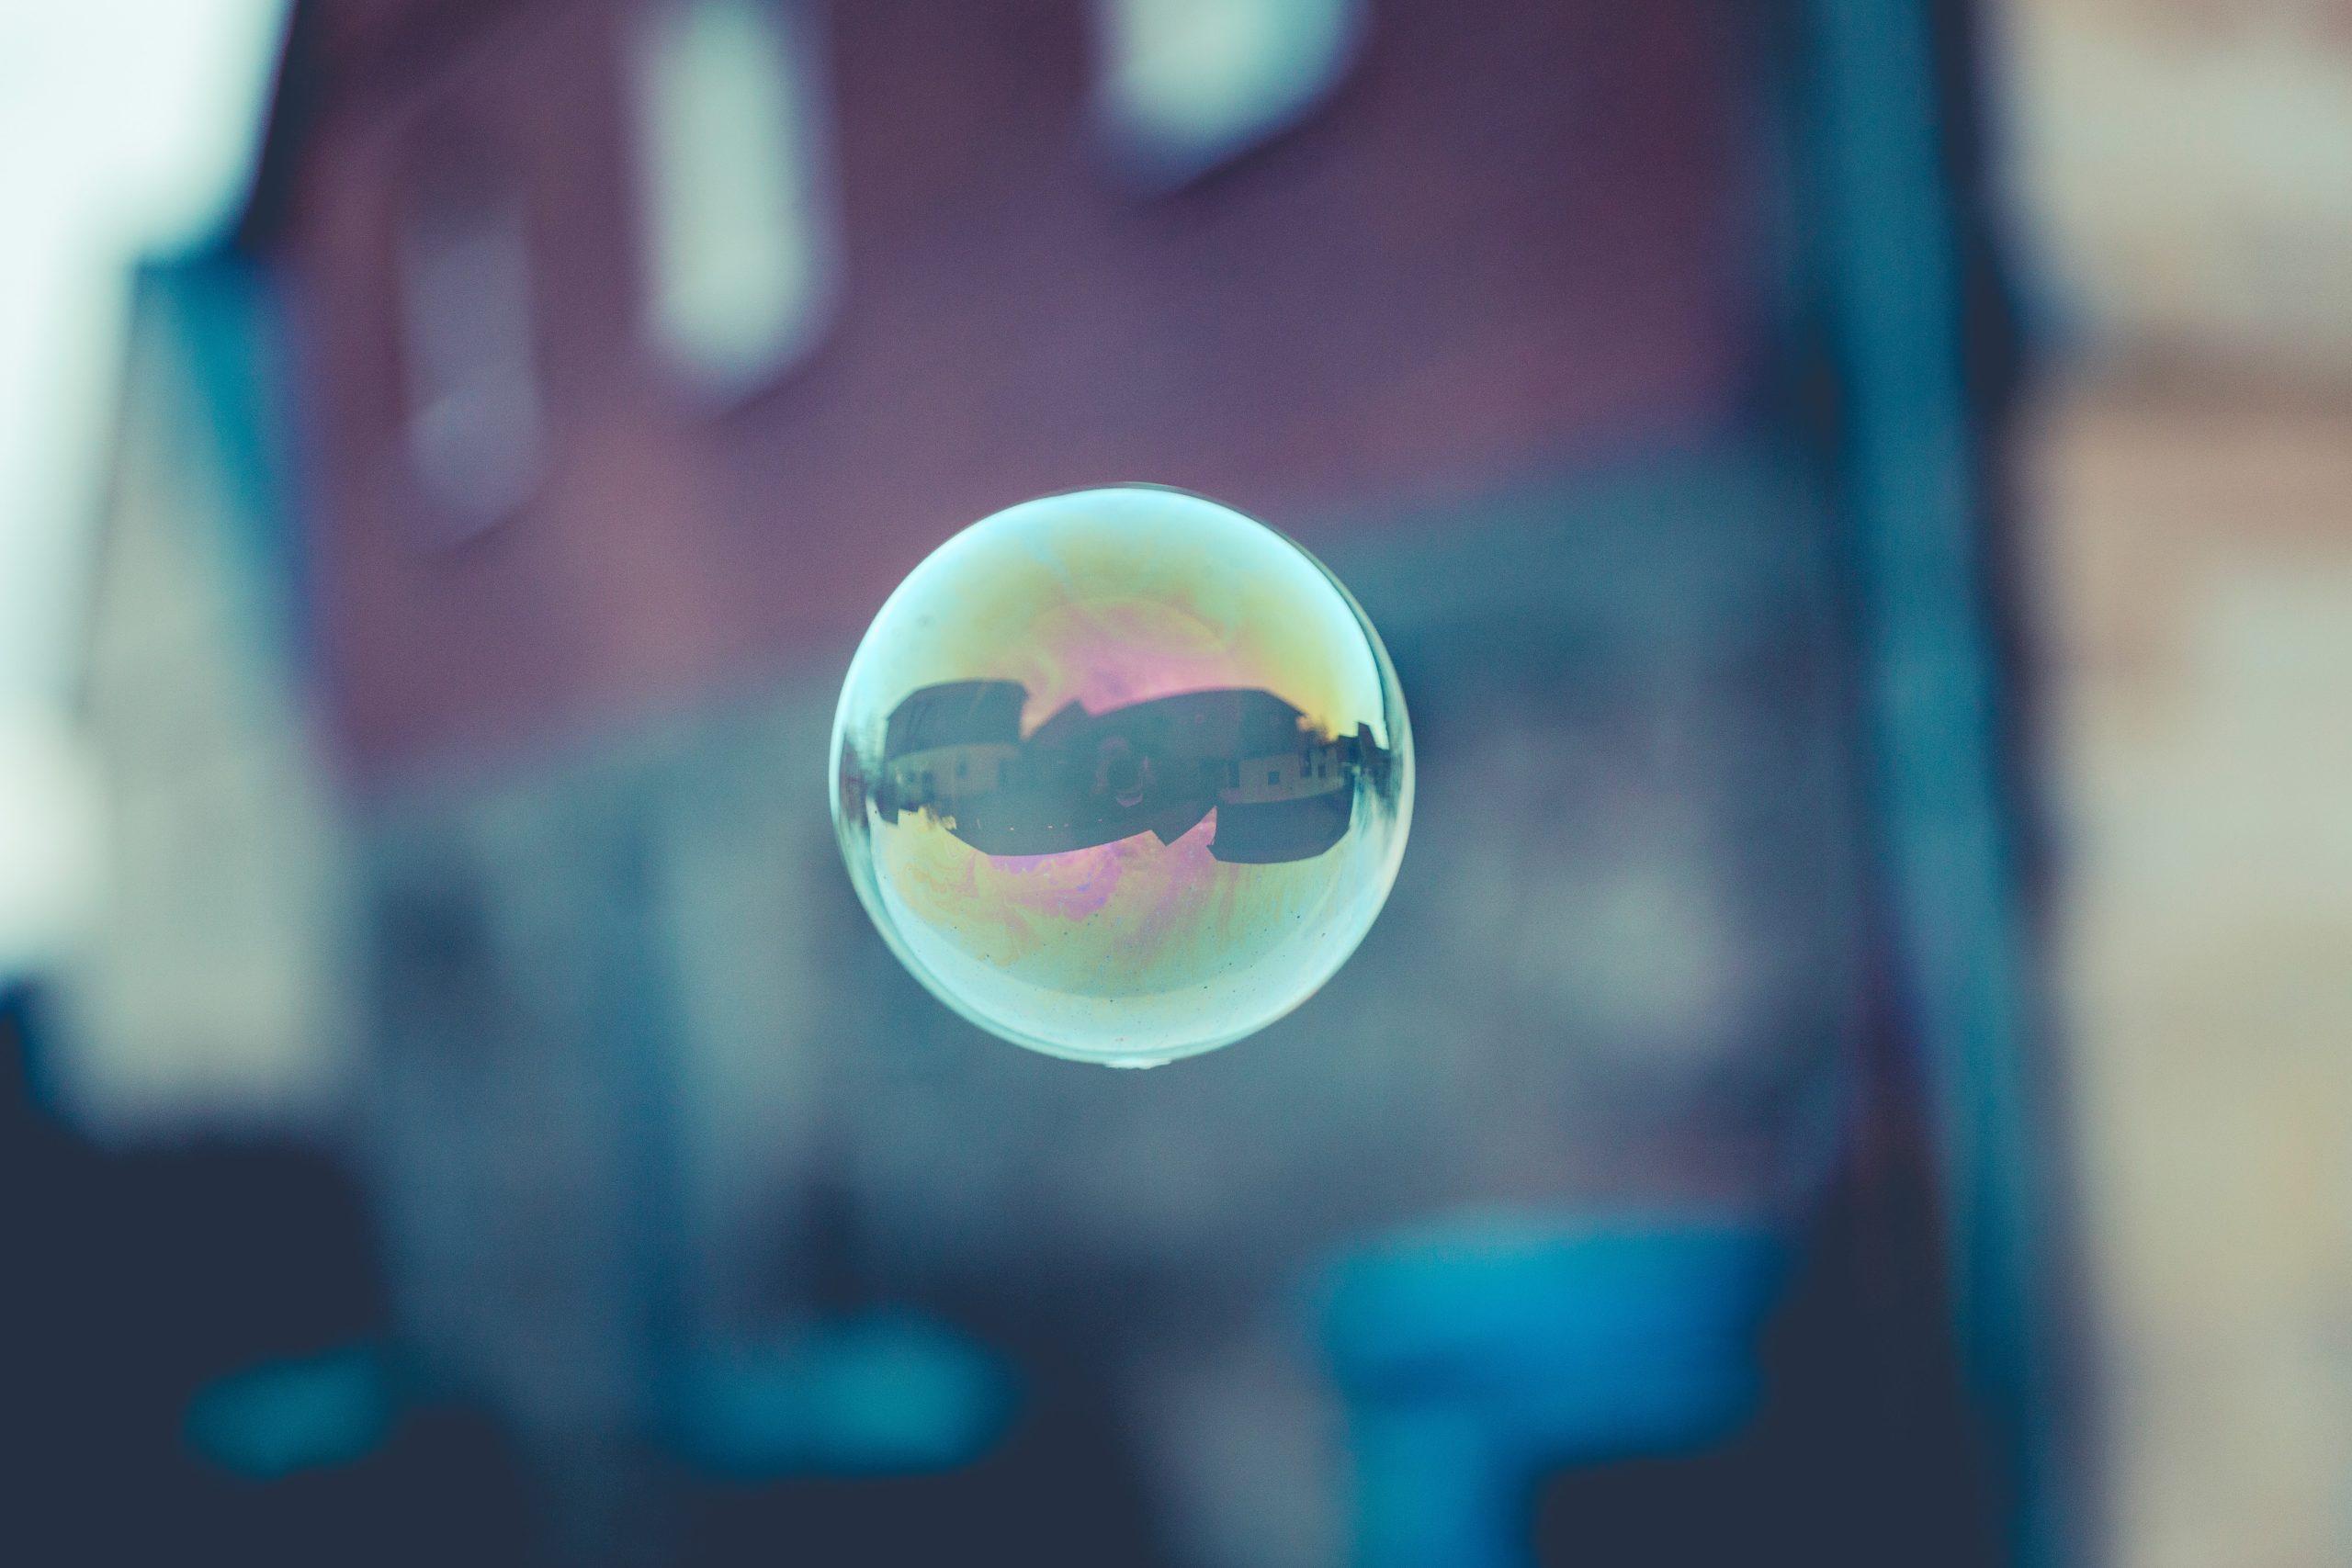 Bulle de savon - La stratégie de la bulle, ou comment se protéger quand on est hypersensible